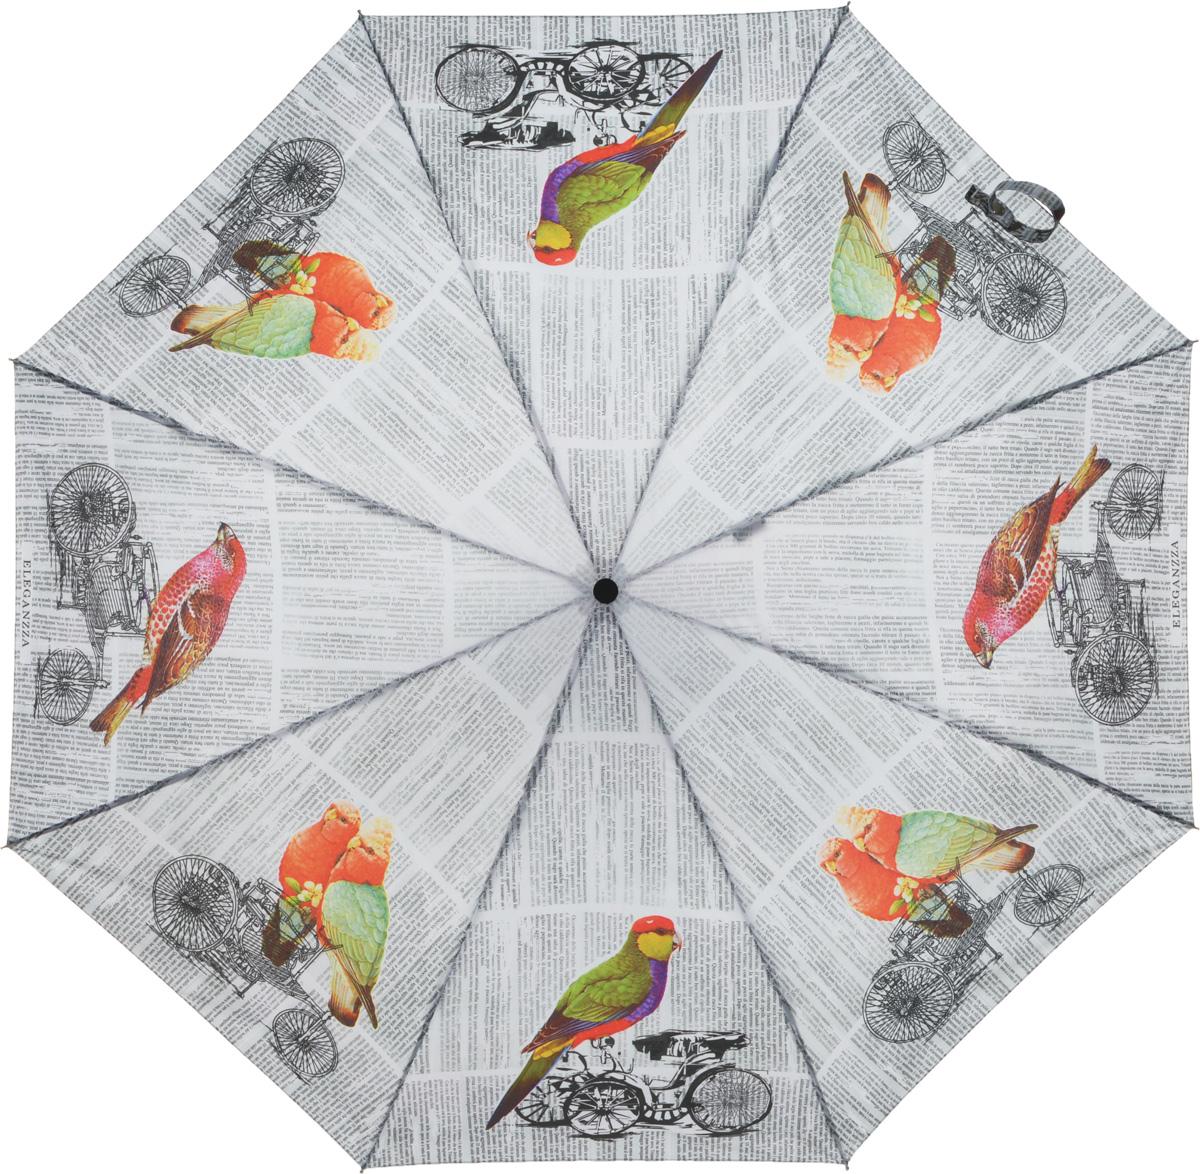 Зонт женский Eleganzza, автомат, 3 сложения, цвет: белый. A3-05-0239LSA3-05-0239LSЖенский зонт-автомат торговой марки ELEGANZZA с каркасом Smart, который позволяет без особых усилий складывать зонт, не позволяя стержню вылетать обратно. Купол: 100% полиэстер, эпонж. Материал каркаса: сталь + алюминий + фибергласс. Материал ручки: пластик. Длина изделия - 30 см. Диаметр купола - 105 см. Система Smart, не позволяет стержню при сложении вылететь обратно, это облегчает сложение зонта! При сложении есть характерный звук-треск, как трещетка. Примечание: зонт не откроется с кнопки если его не закрыть до щелчка!